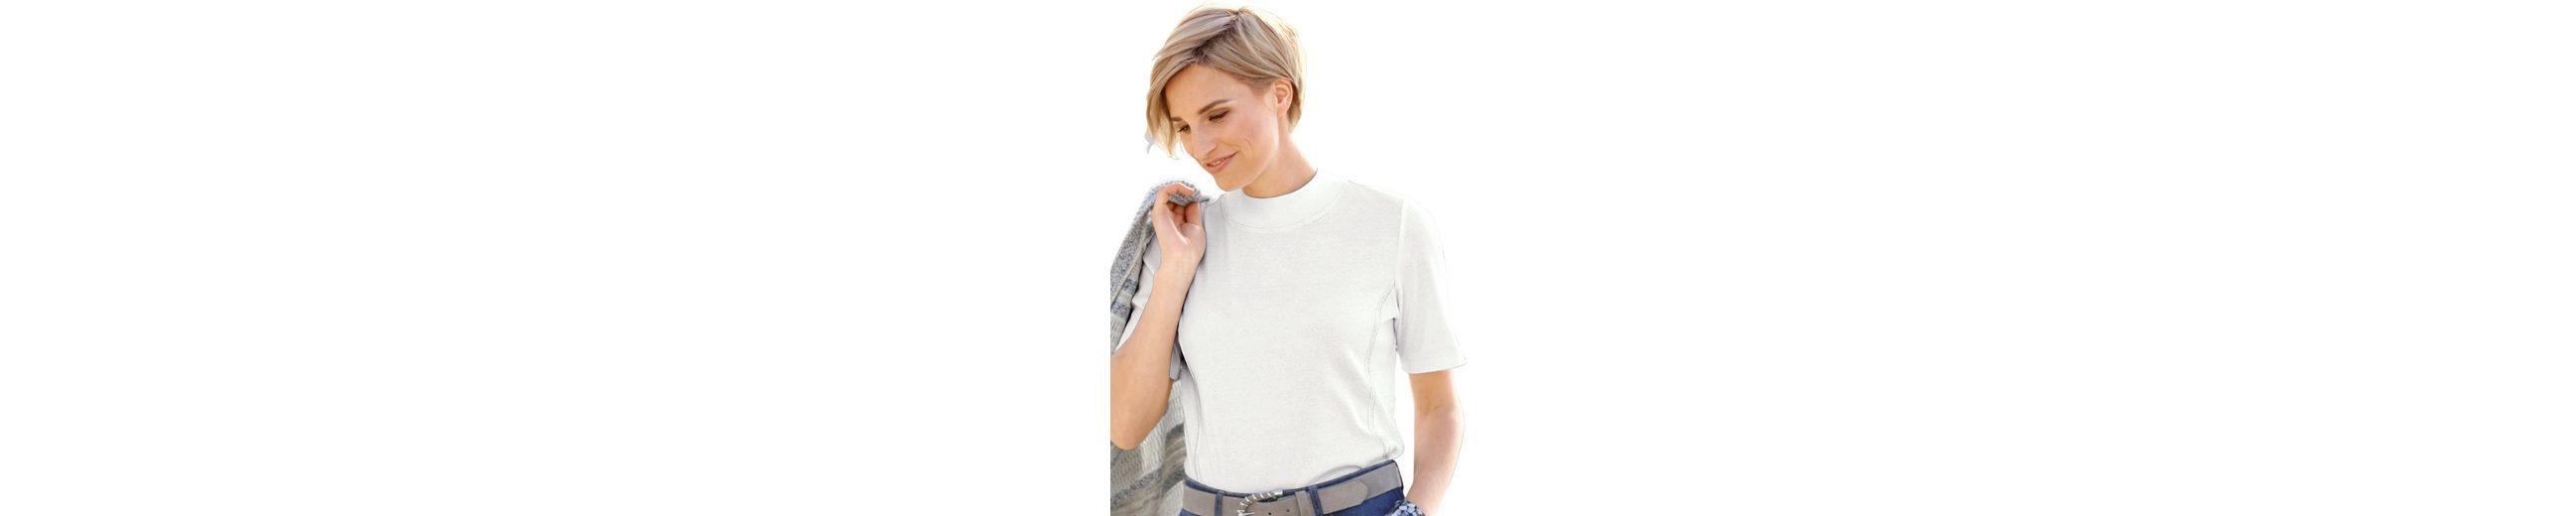 Klassische Online Collection L. Shirt aus reiner Baumwolle Billig 2018 Neu Liefern Billige Online KMW2m71M